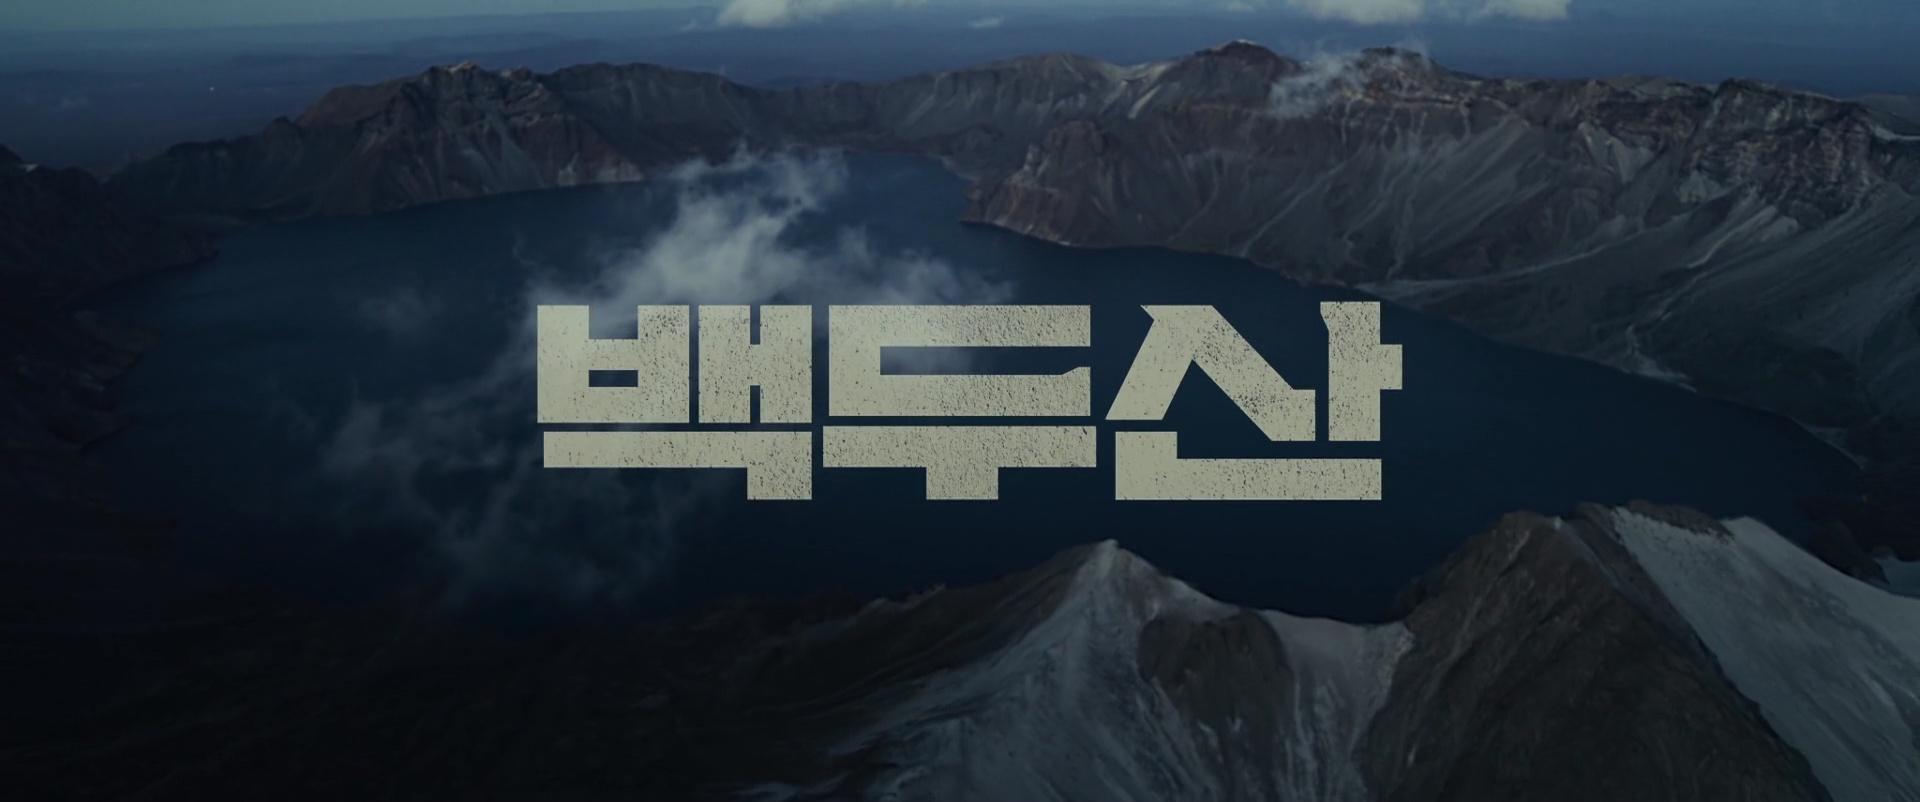 DESTRUCTION FINALE (백두산) de Kim Byeong-Seo et Lee Hae-Joon (2019)